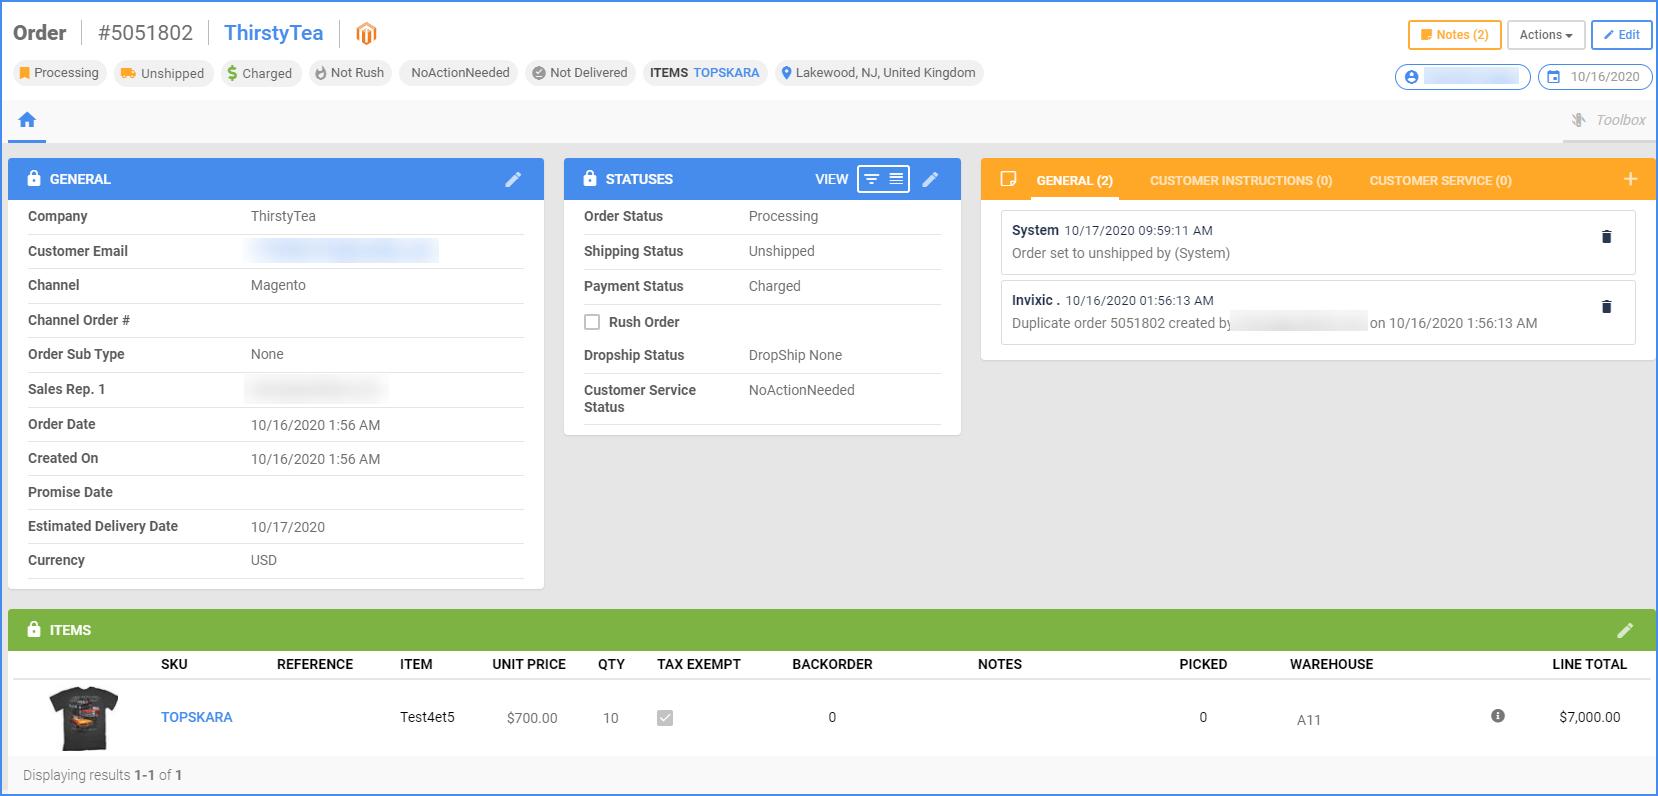 sellercloud delta order details page orders order management